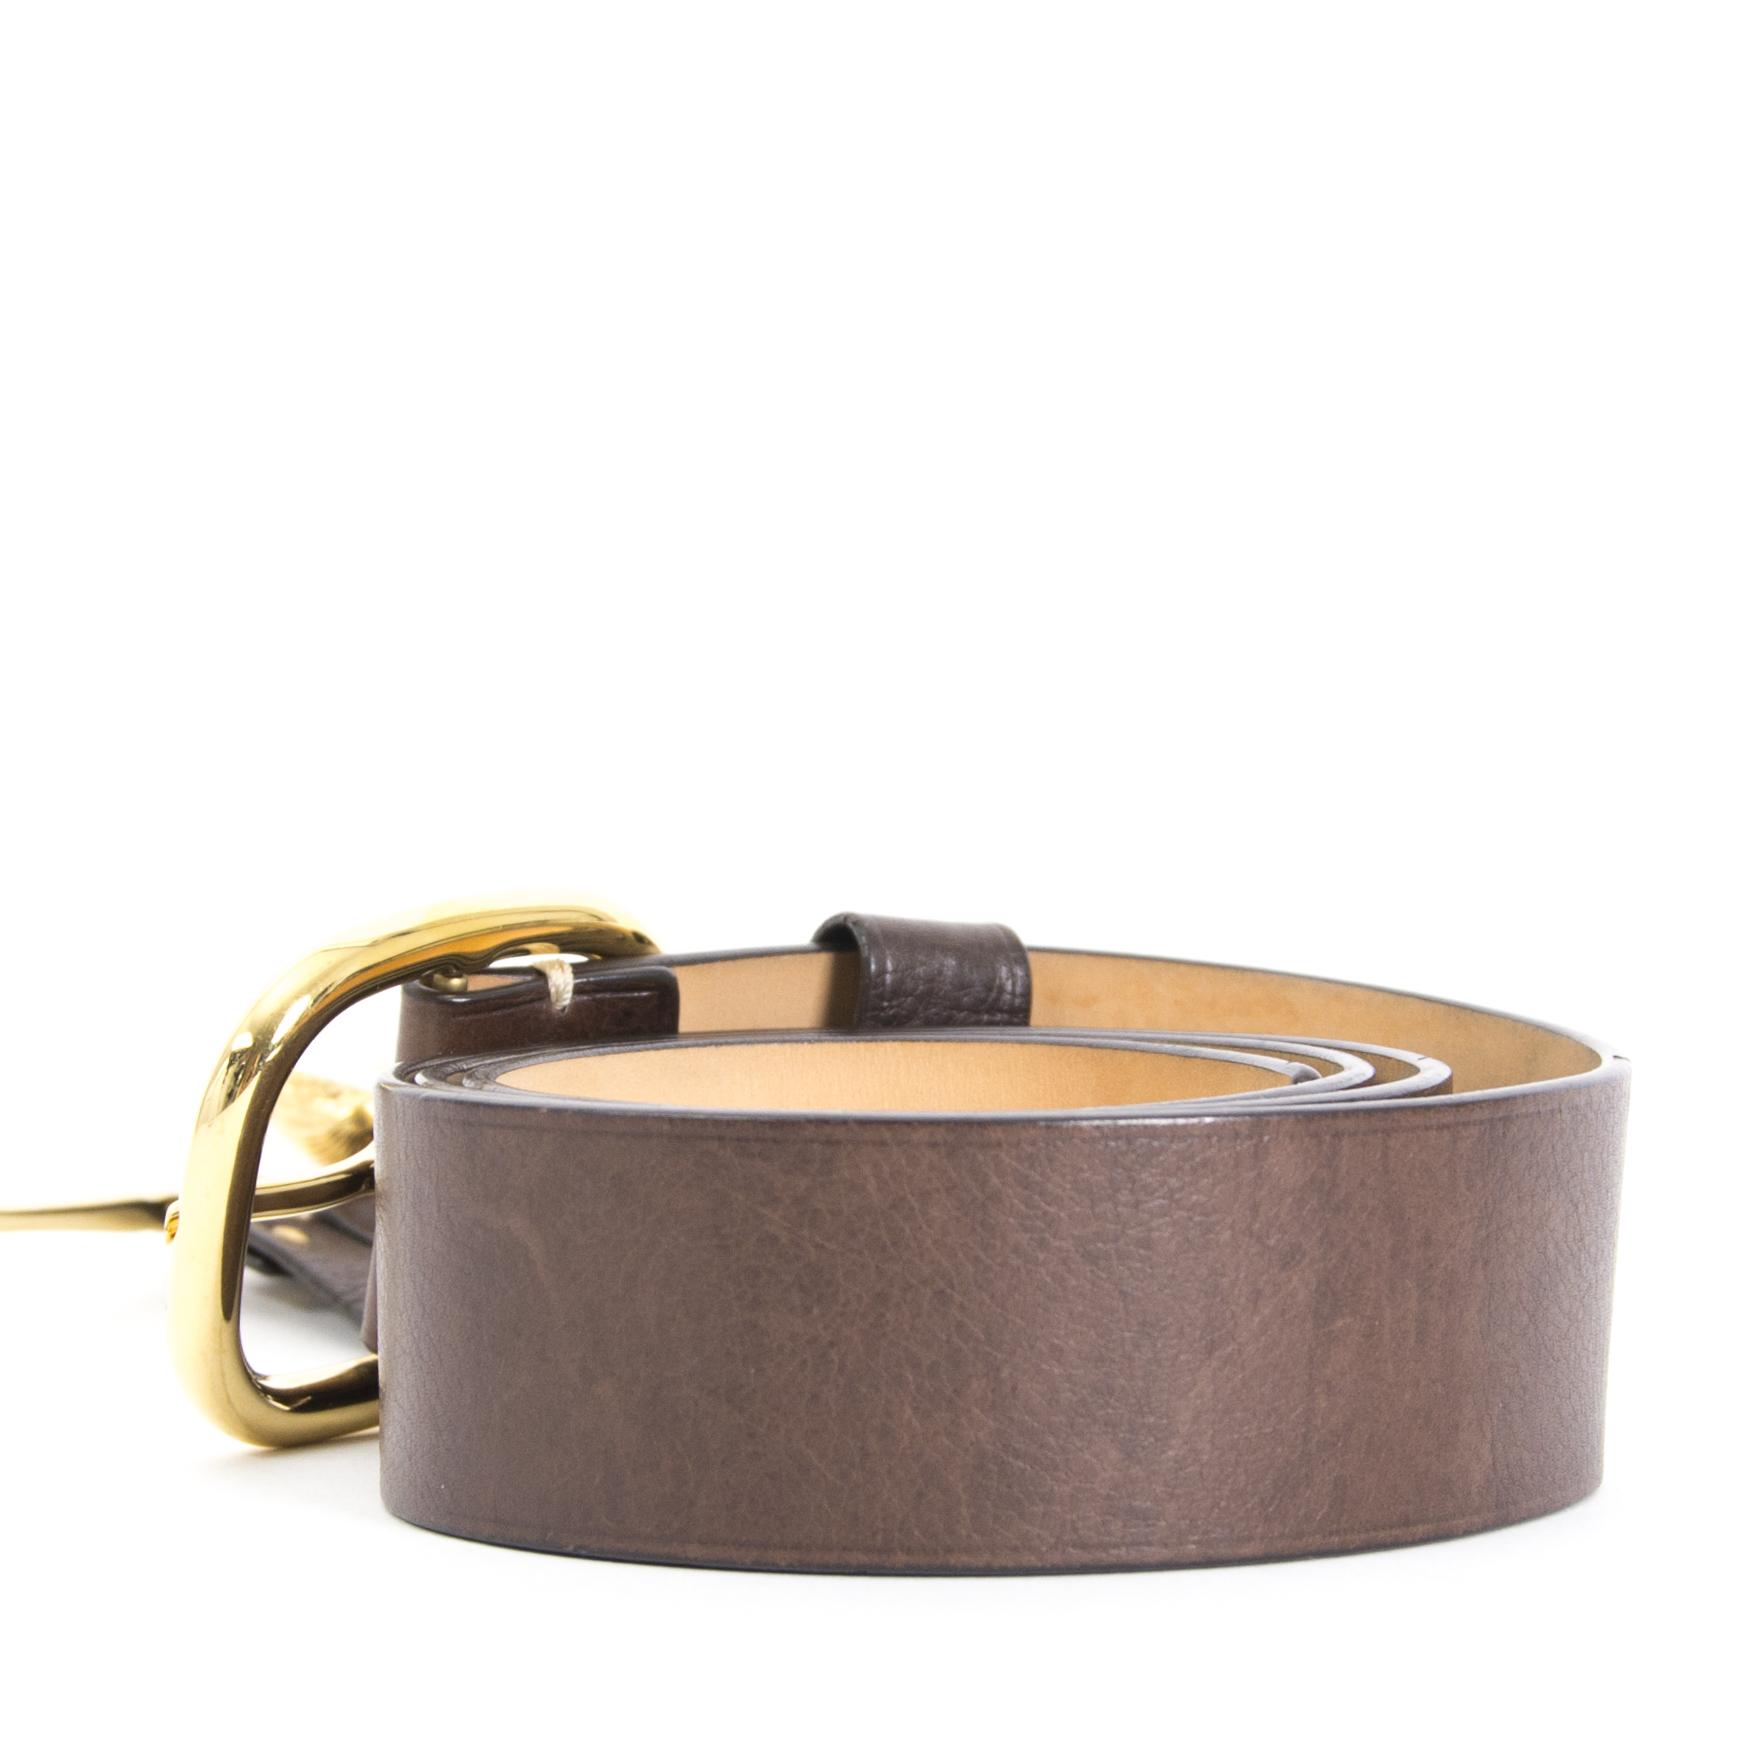 koop nu veilig online jouw tweedehands Céline Brown Leather Belt - size S op labellov.com